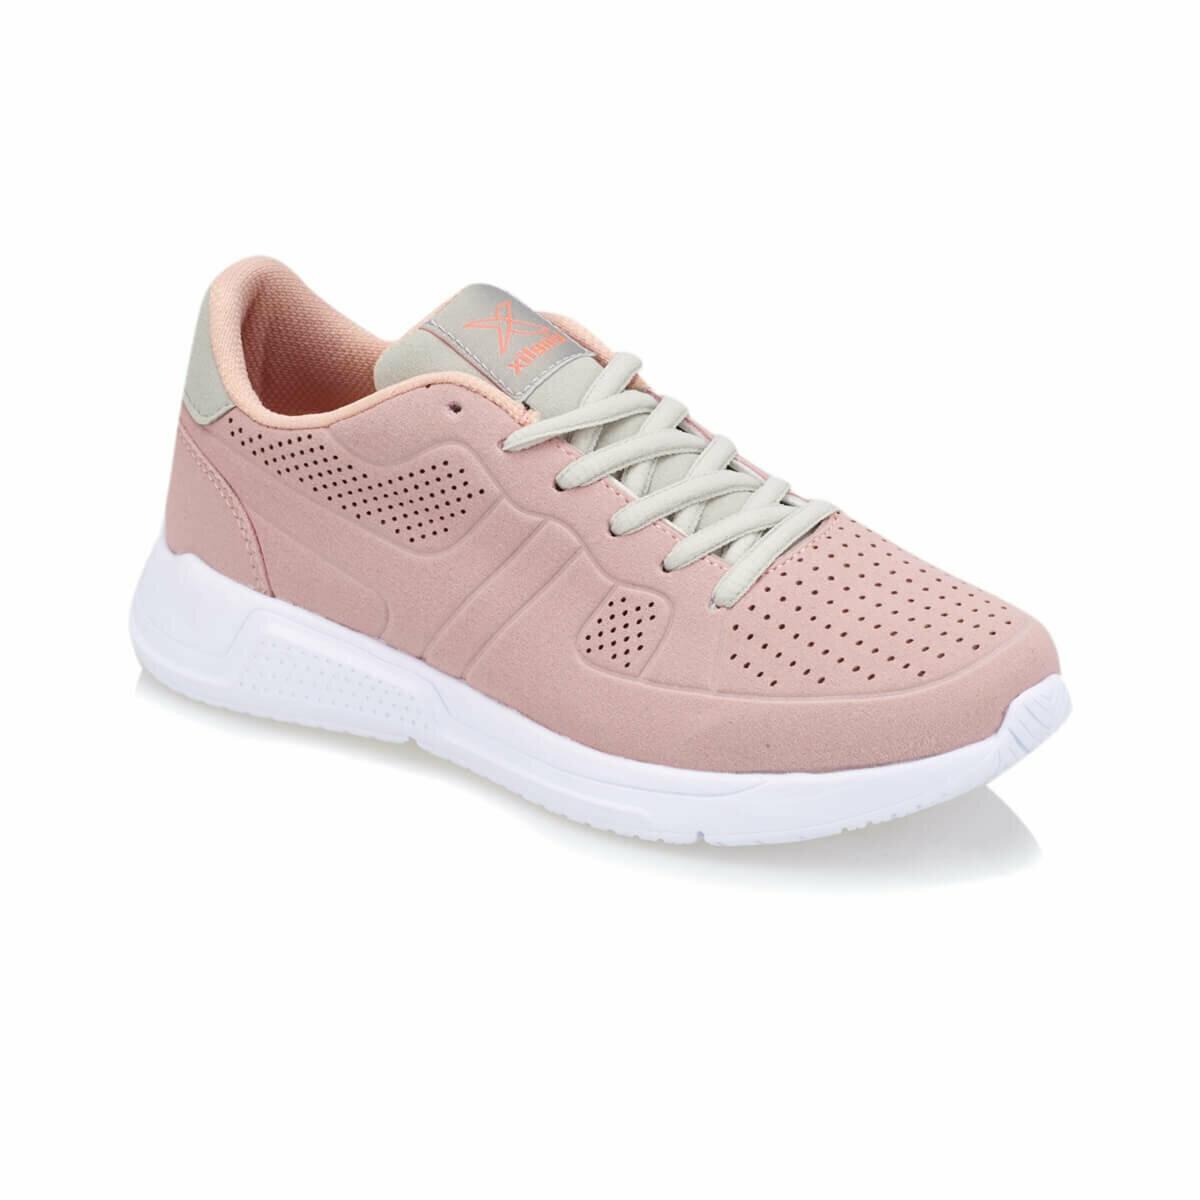 FLO LUCY W Salmon Women Sneaker Shoes KINETIX